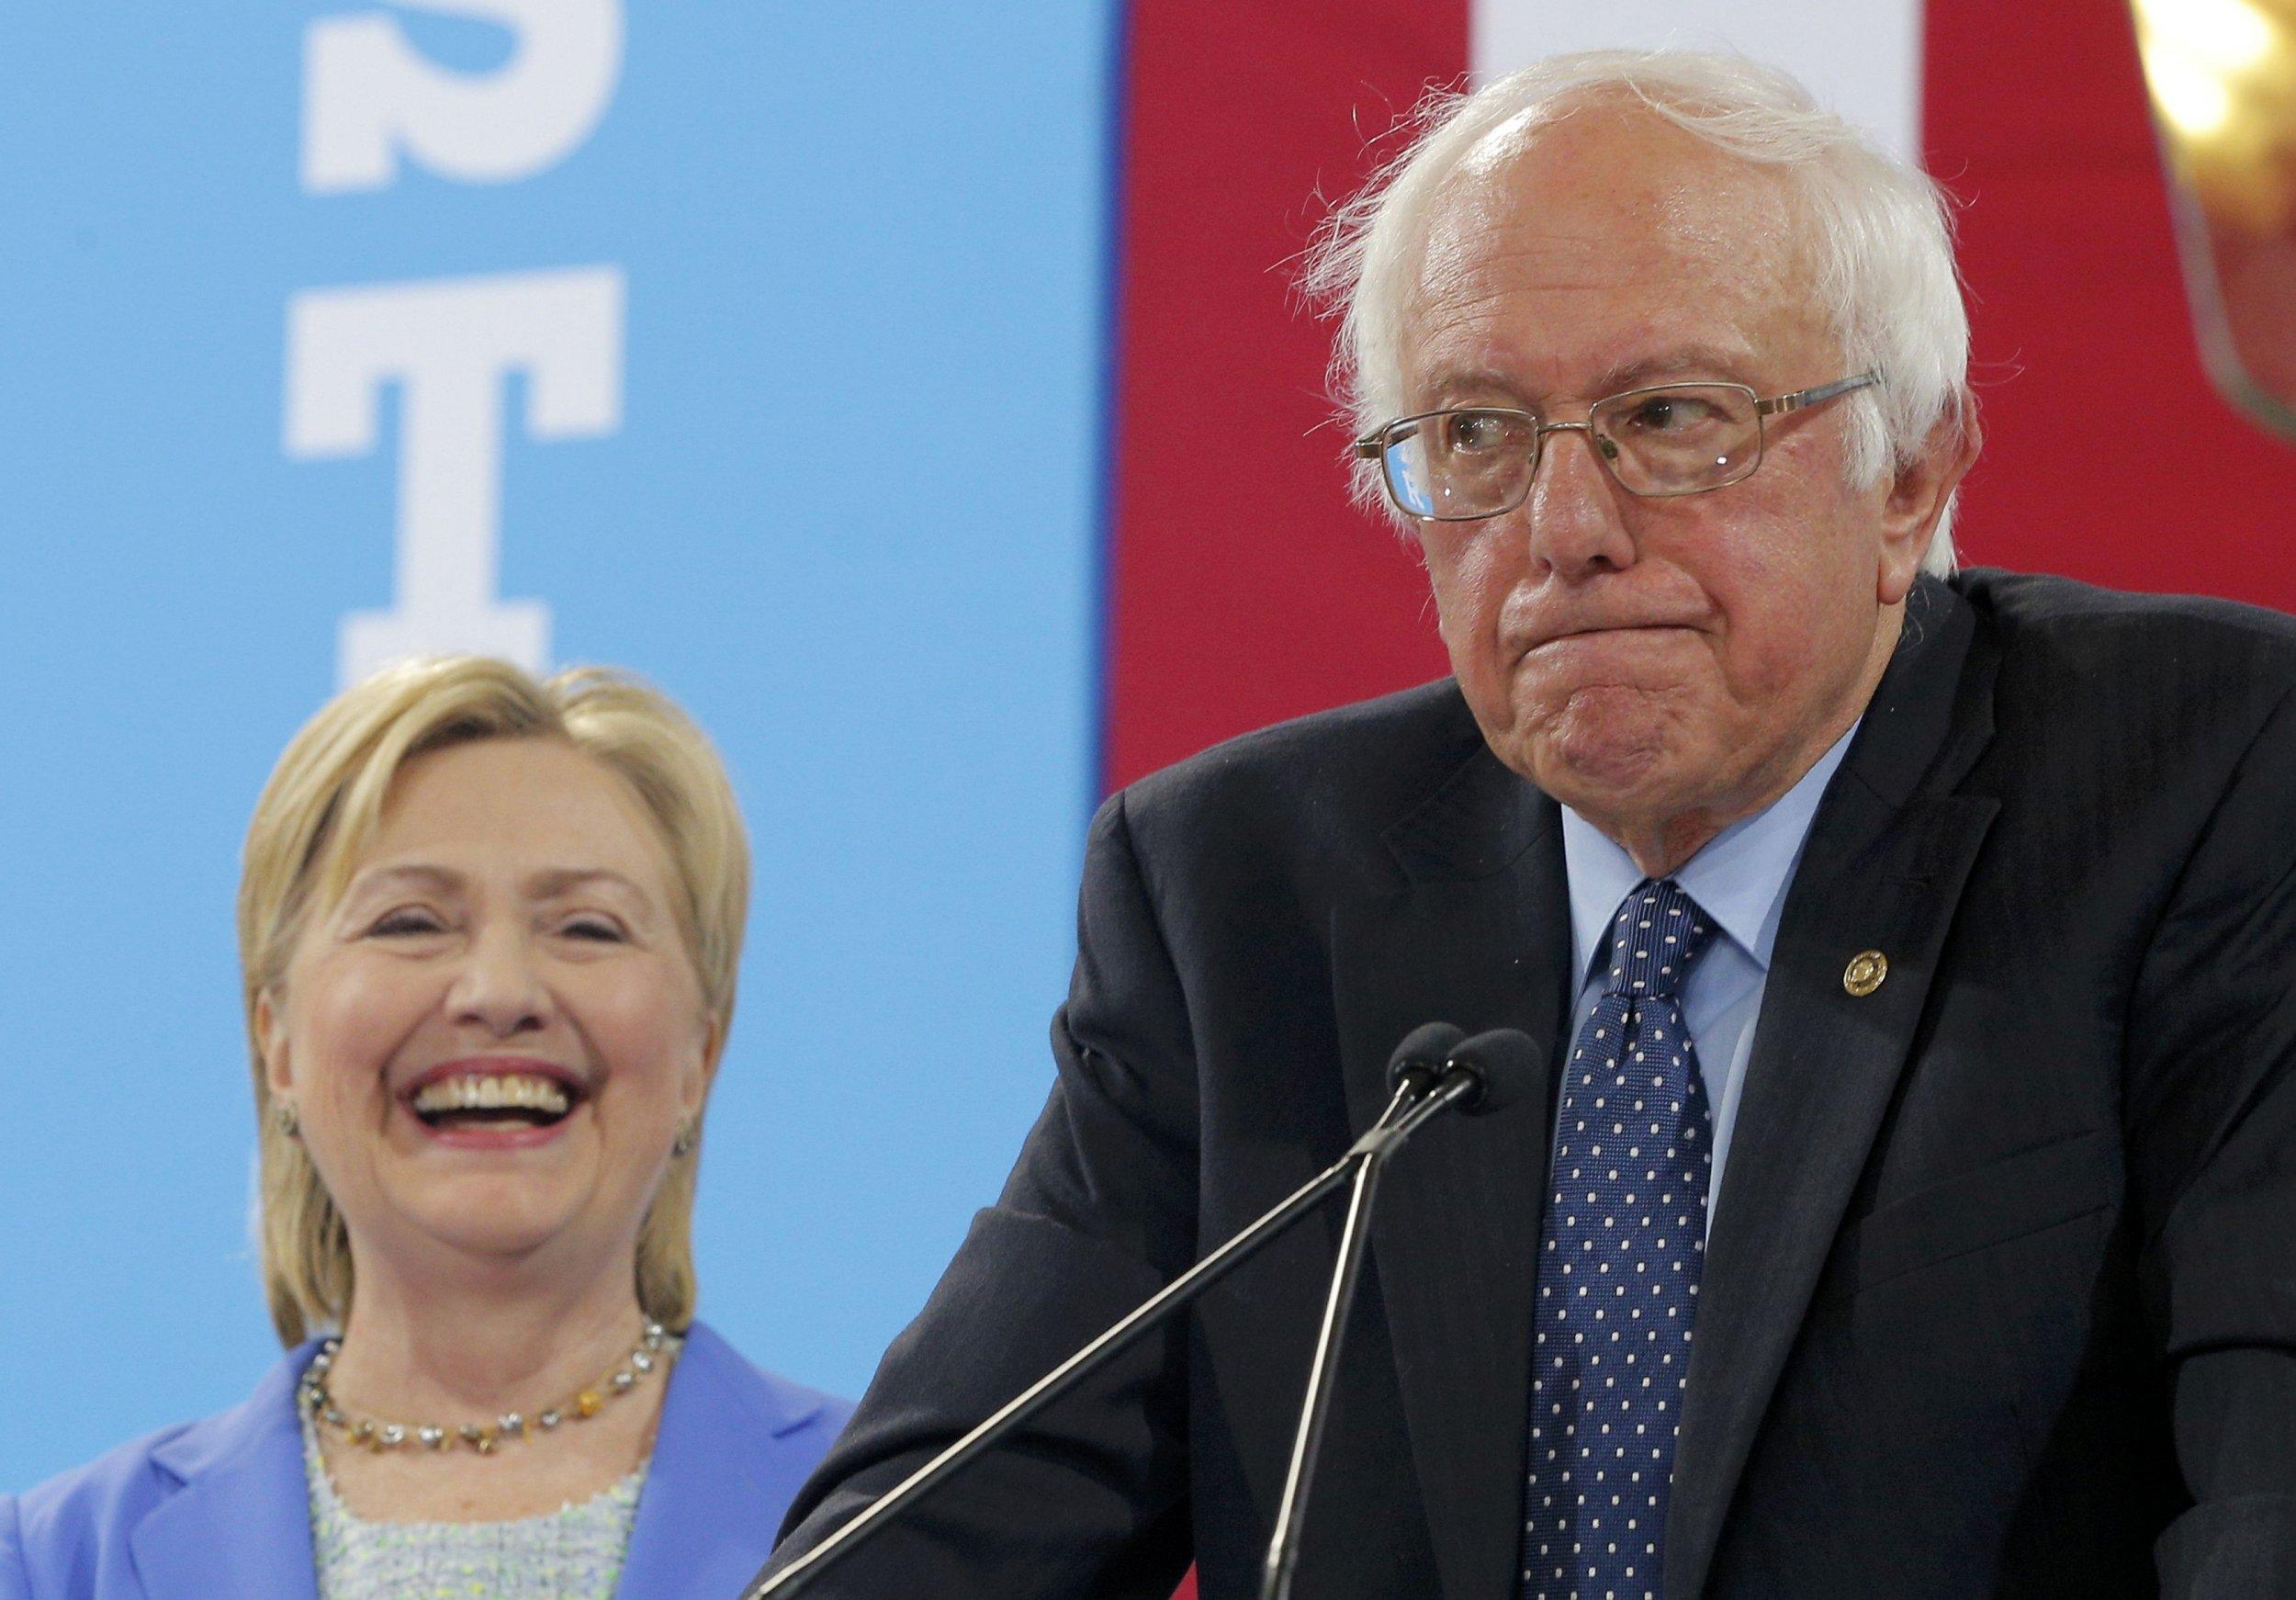 07_21_Hillary_Bernie_01